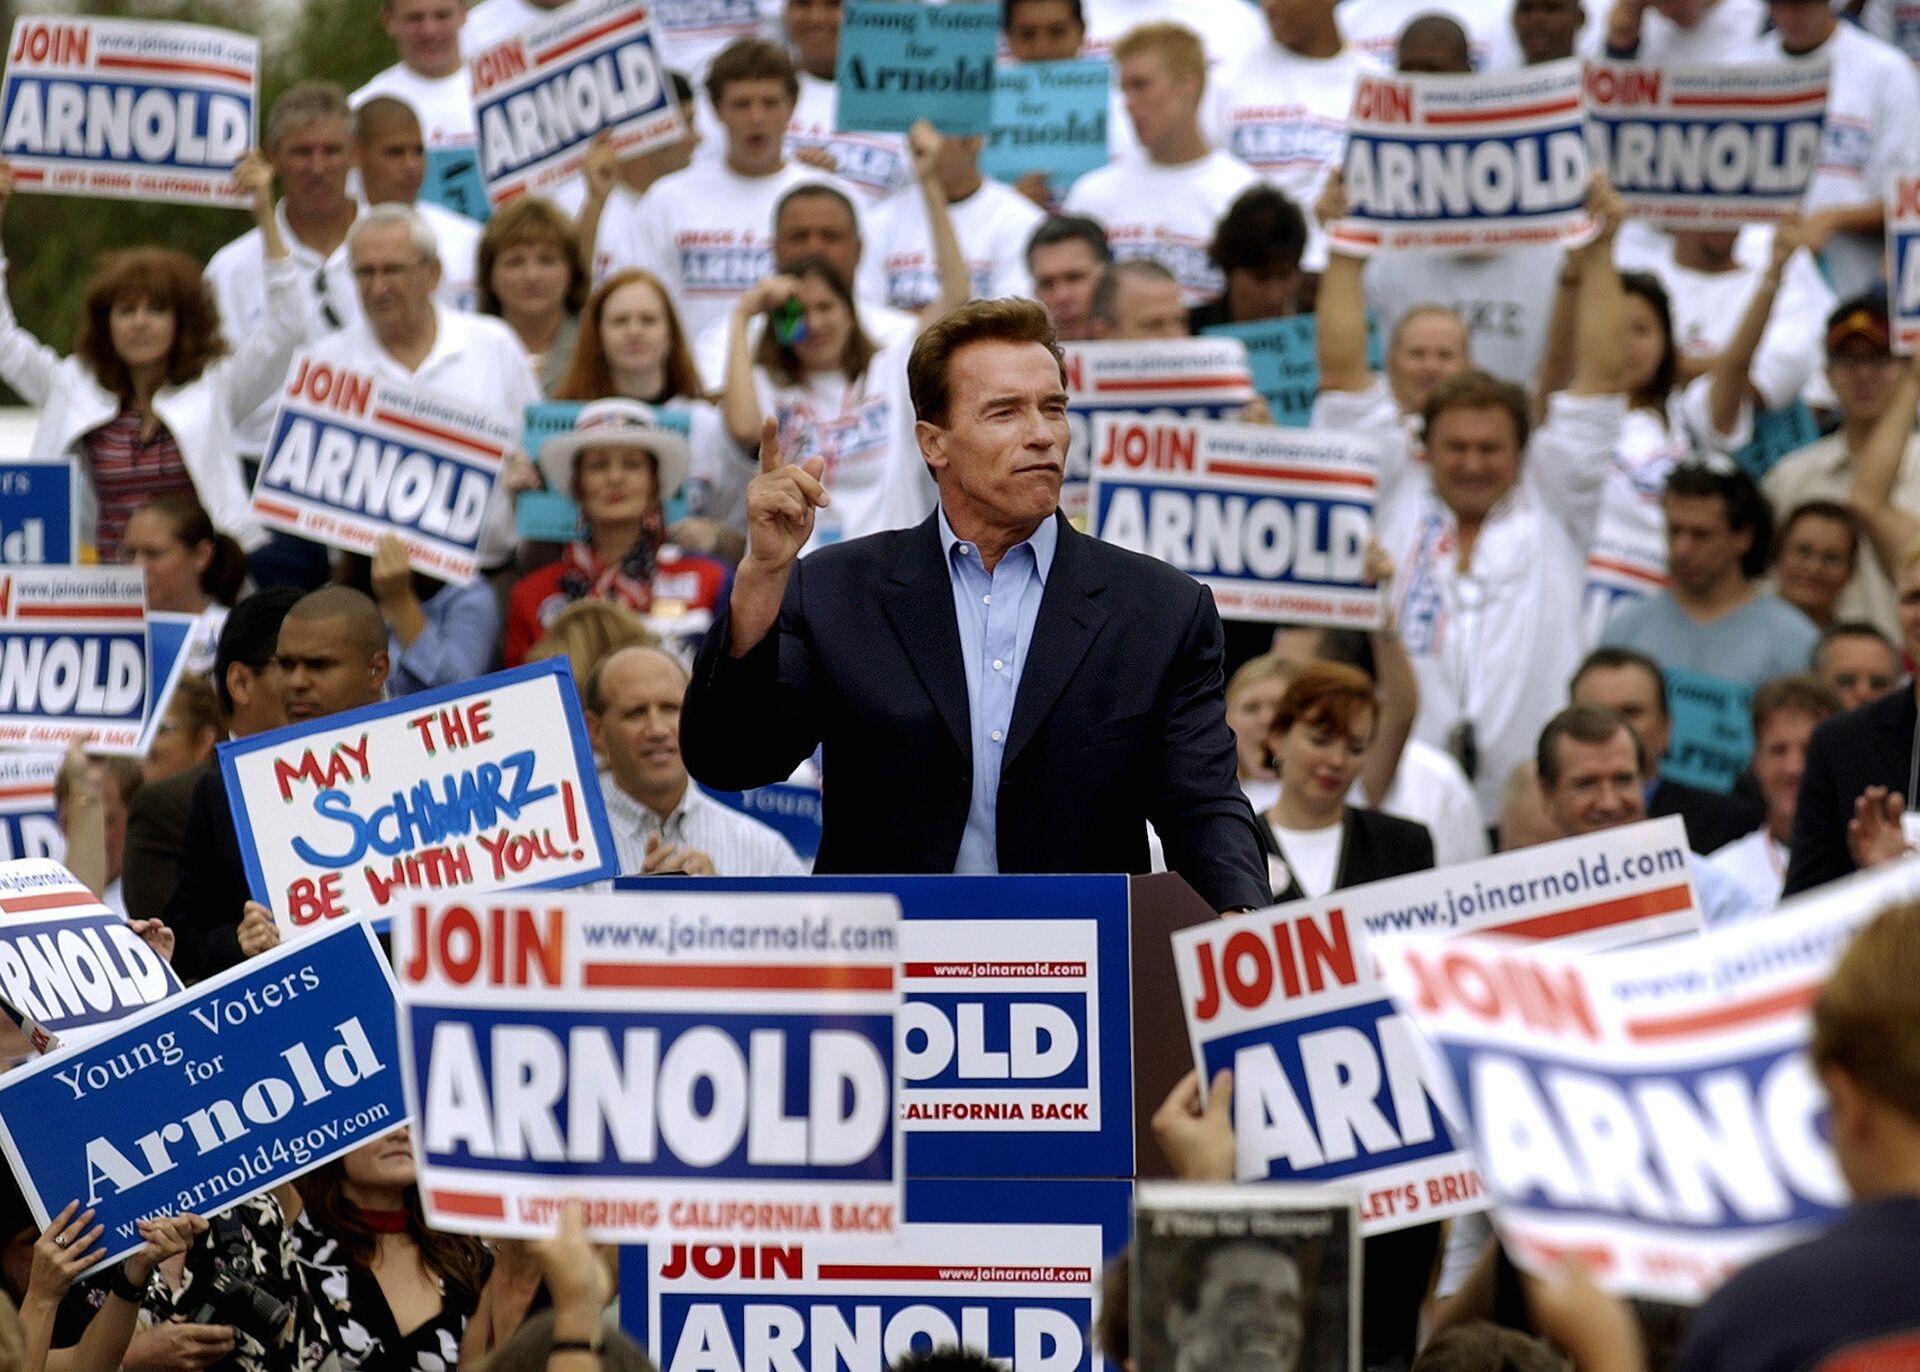 Кандидат на пост губернатора от Республиканской партии Арнольд Шварценеггер на предвыборном митинге в Лос-Анджелесе. 13 сентября 2003 - РИА Новости, 1920, 23.12.2020